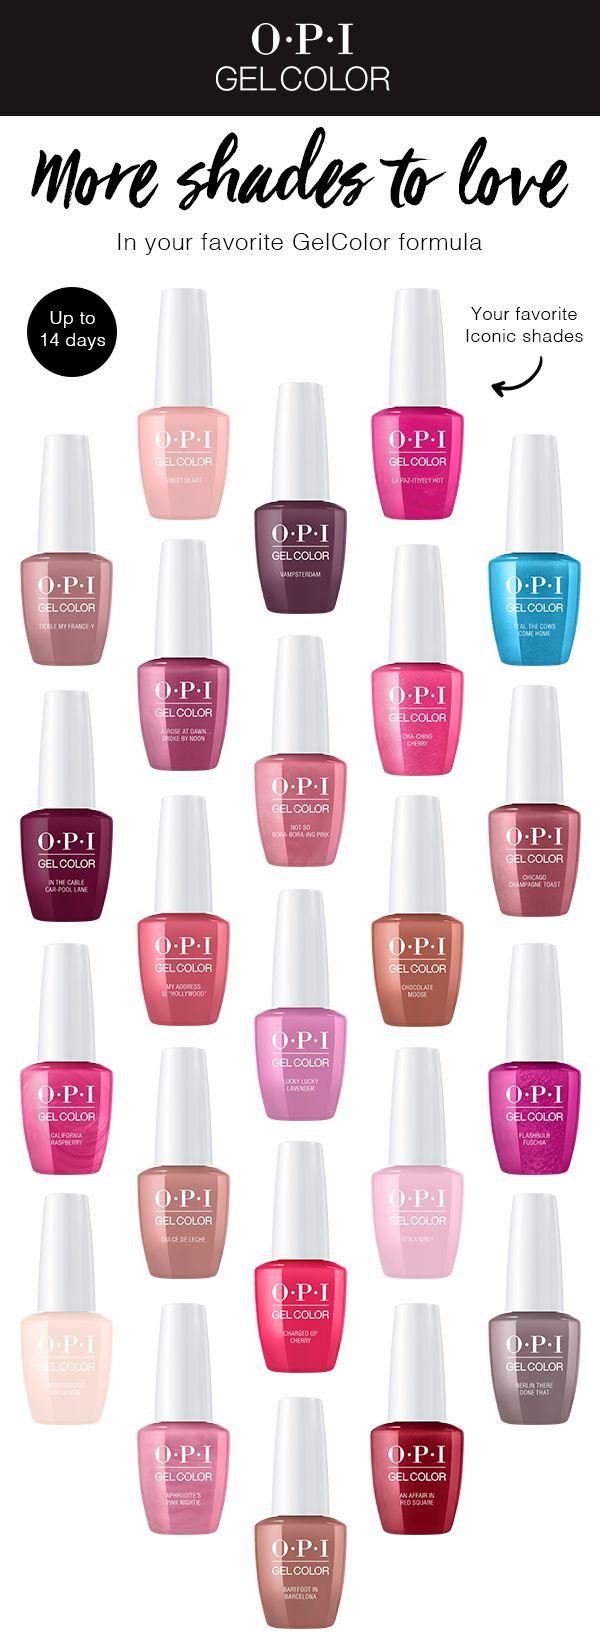 Gel Nail Polish Opi Gel Nails Opi Gelcolor Gel Color